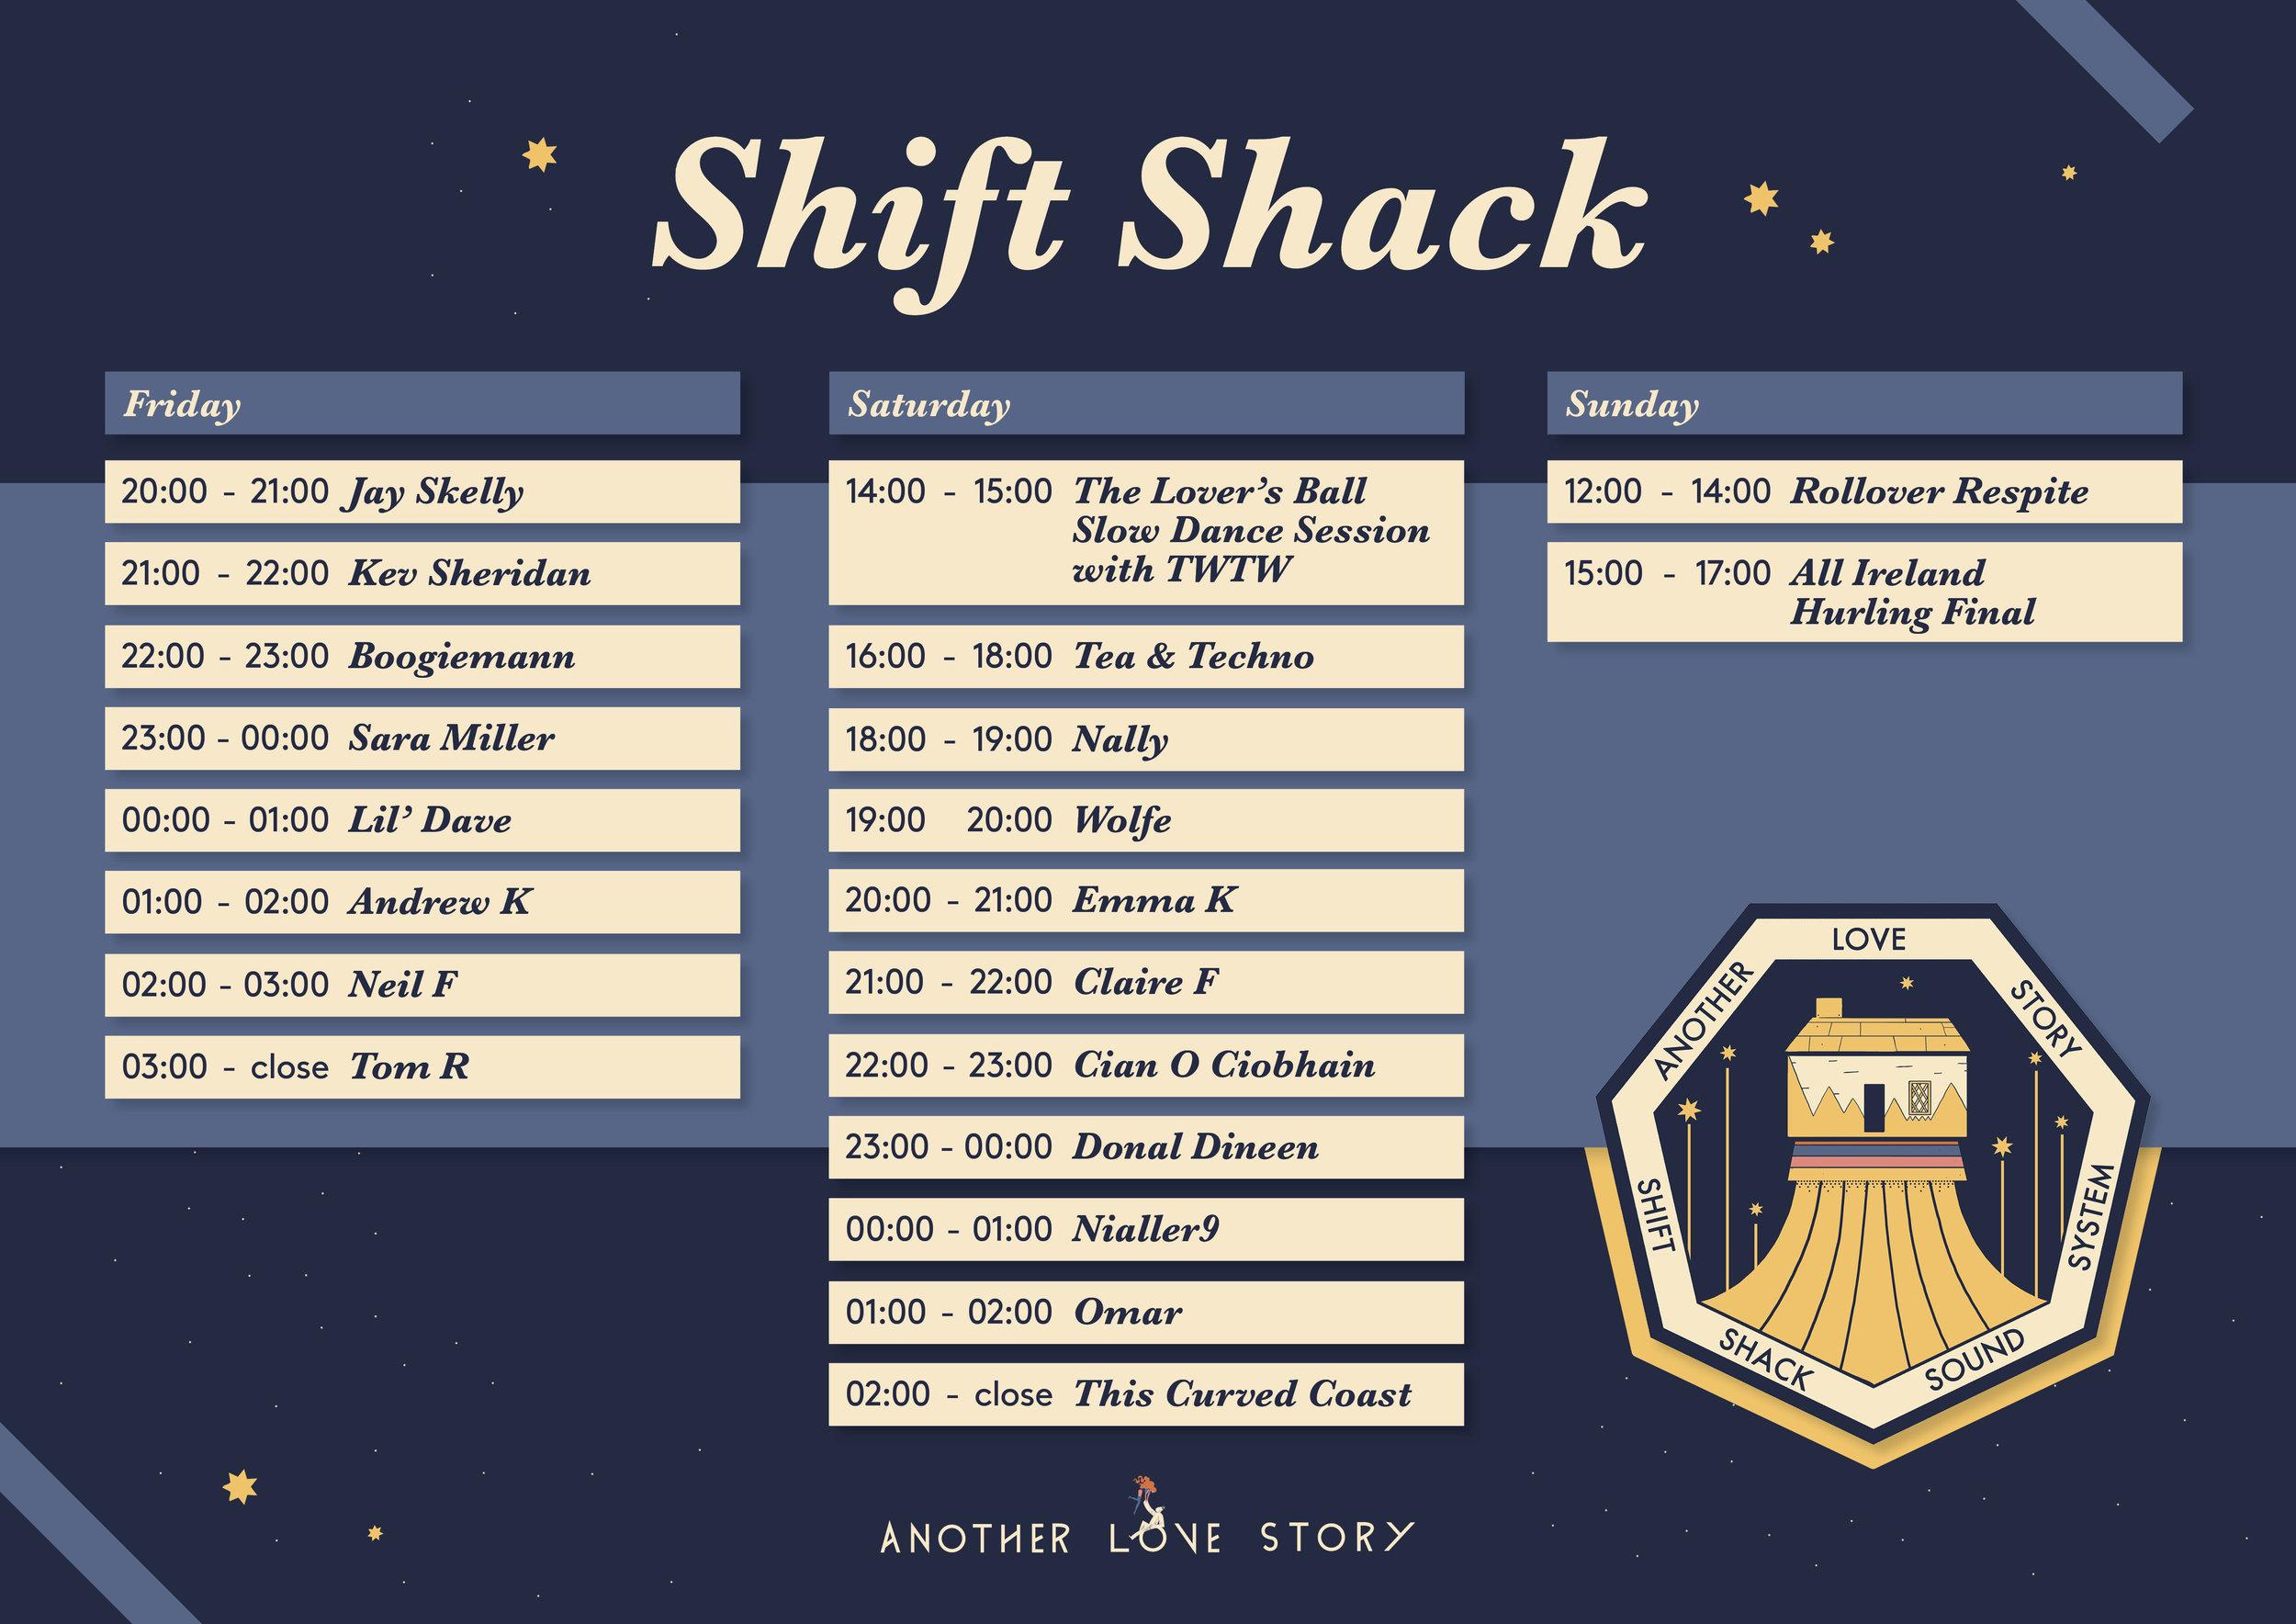 schedules_shift shack.jpg